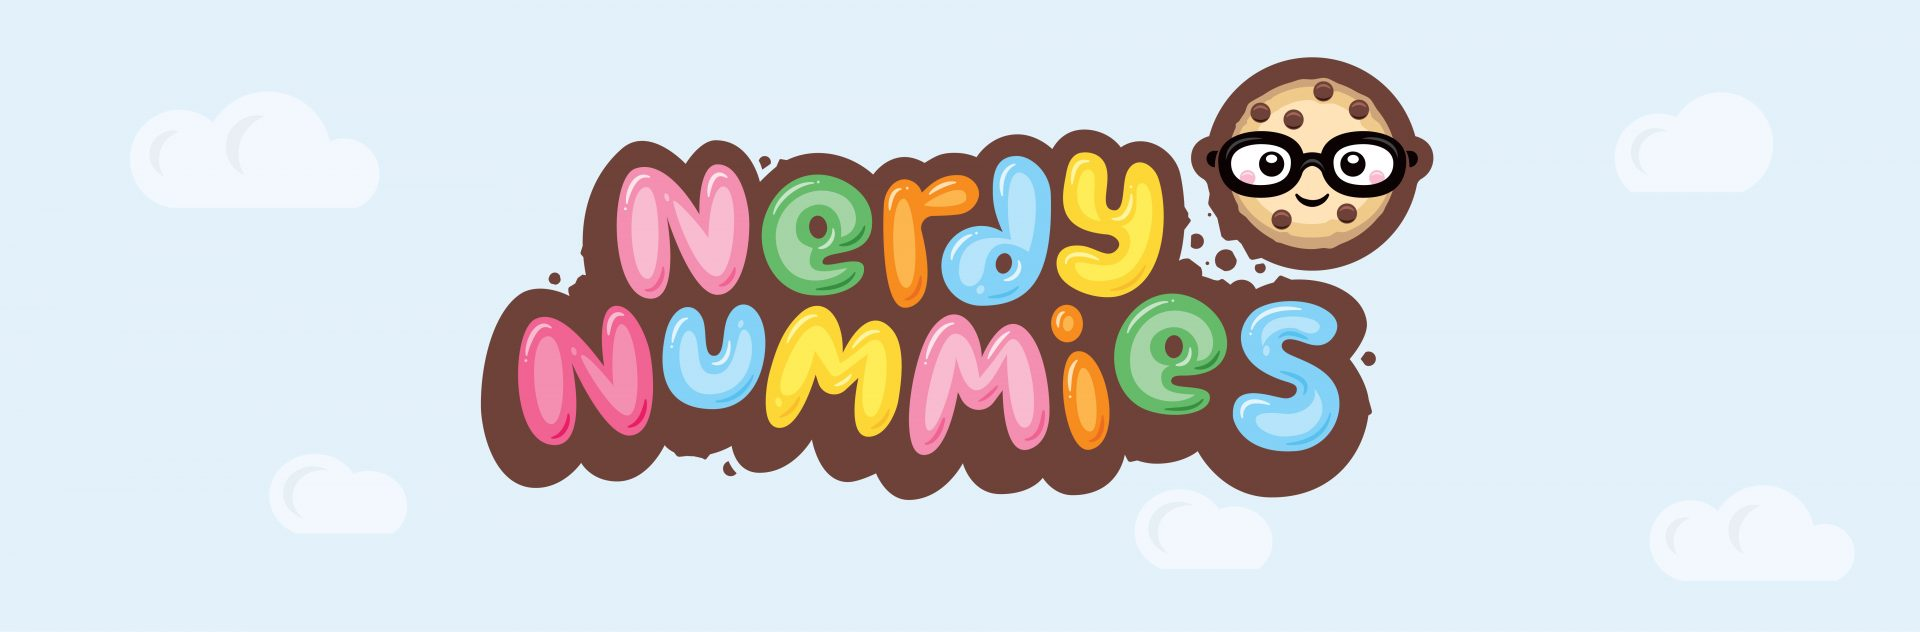 Nerdy Nummies Logo.